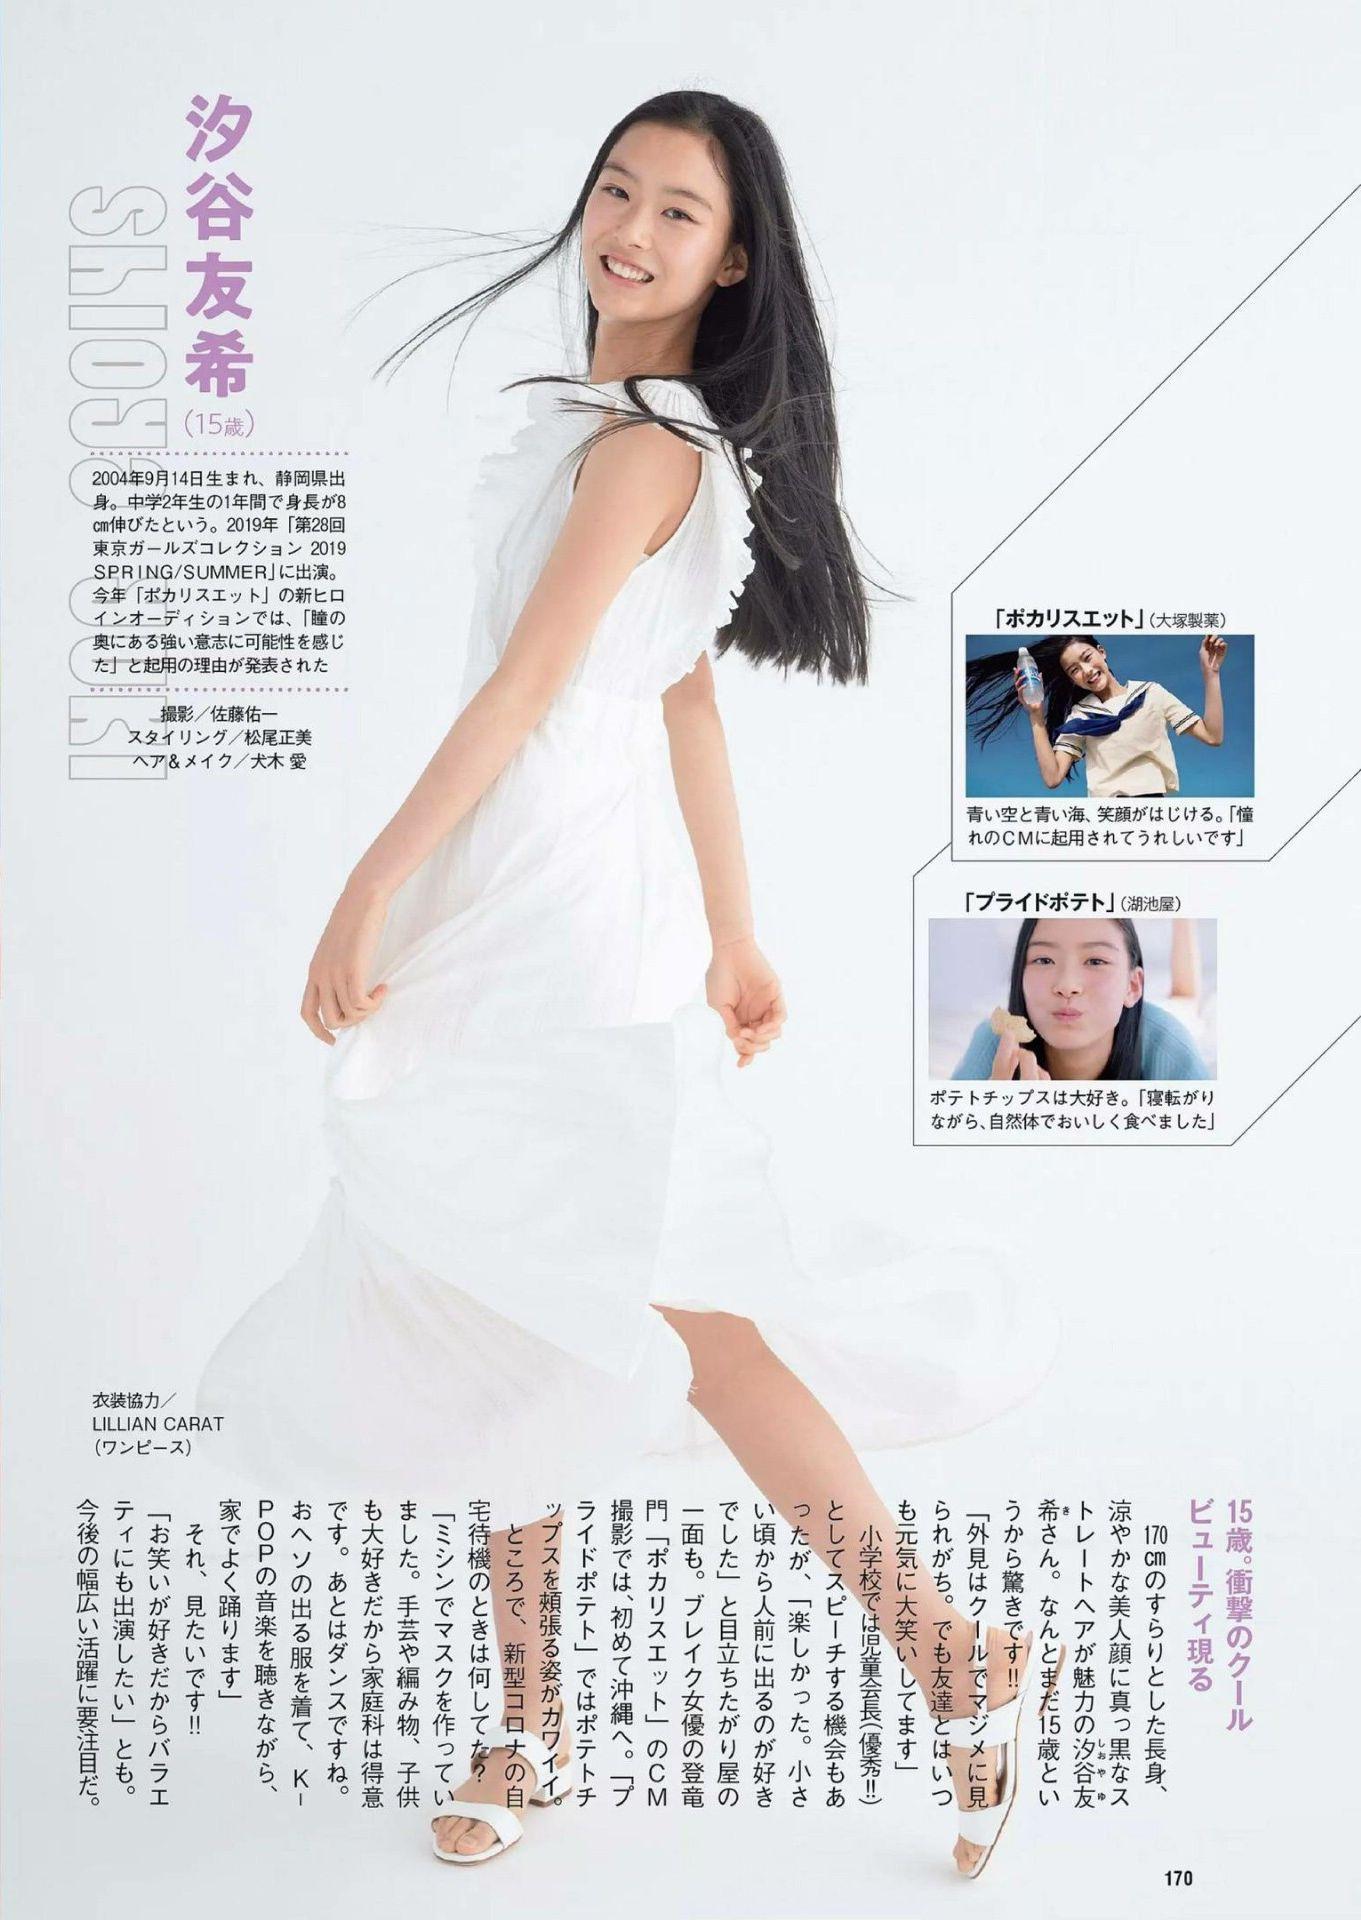 Weekly Playboy 2020-30_imgs-0086_1